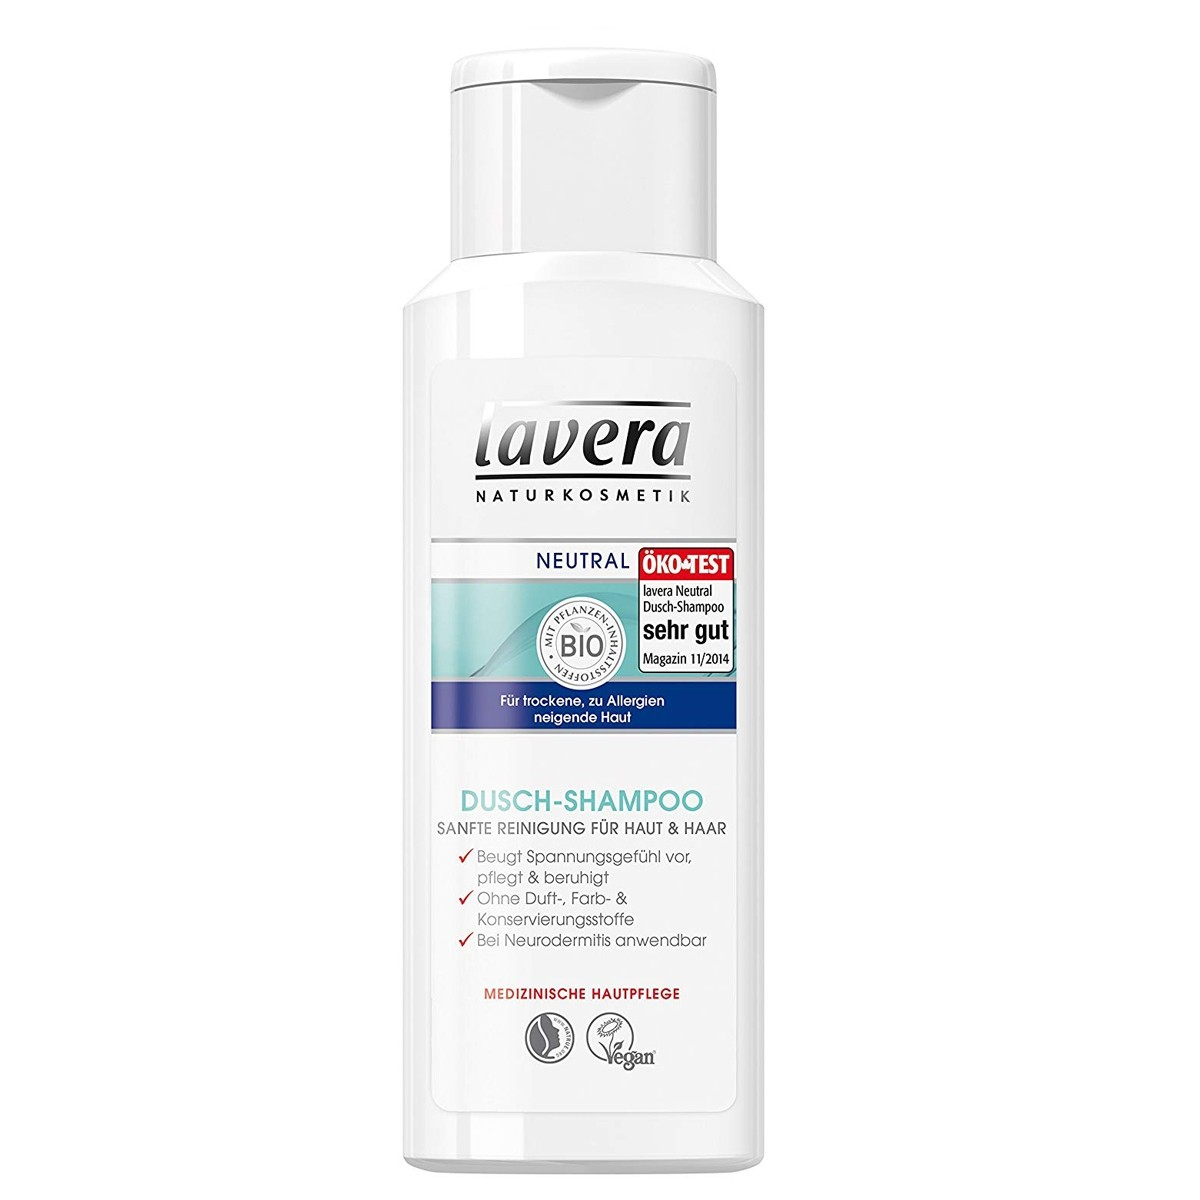 Lavera Neutral Shower Shampoo